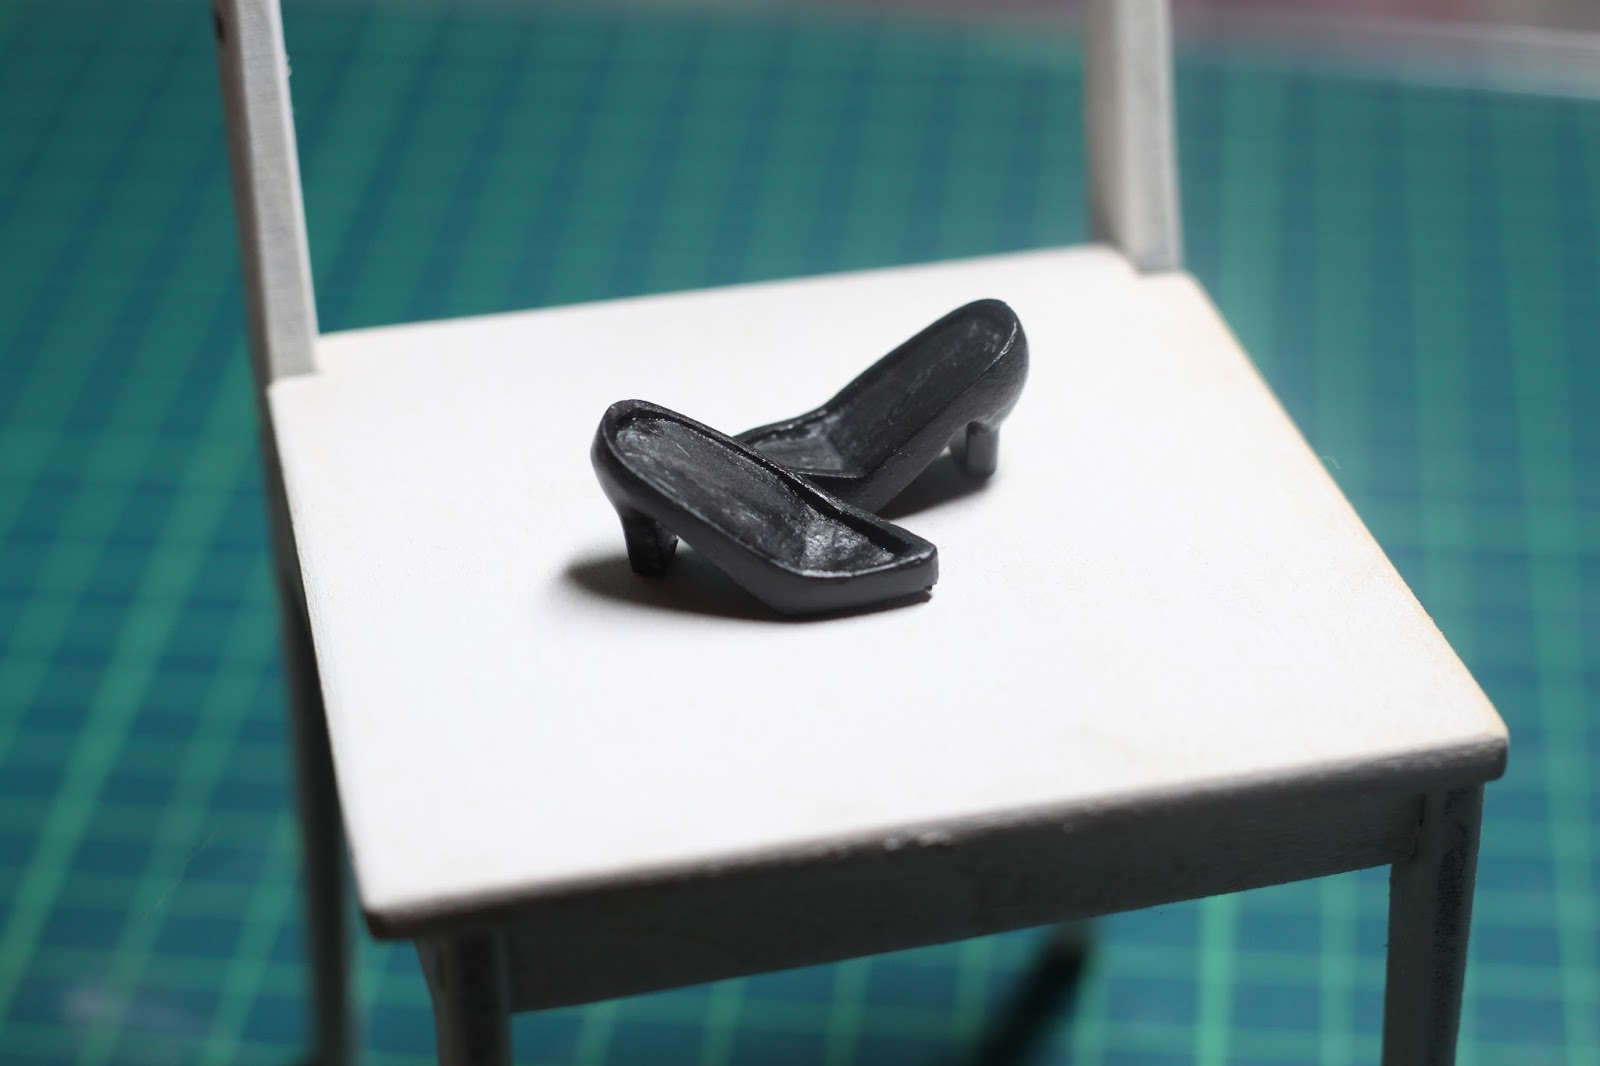 ドールサイズの靴底の作り方